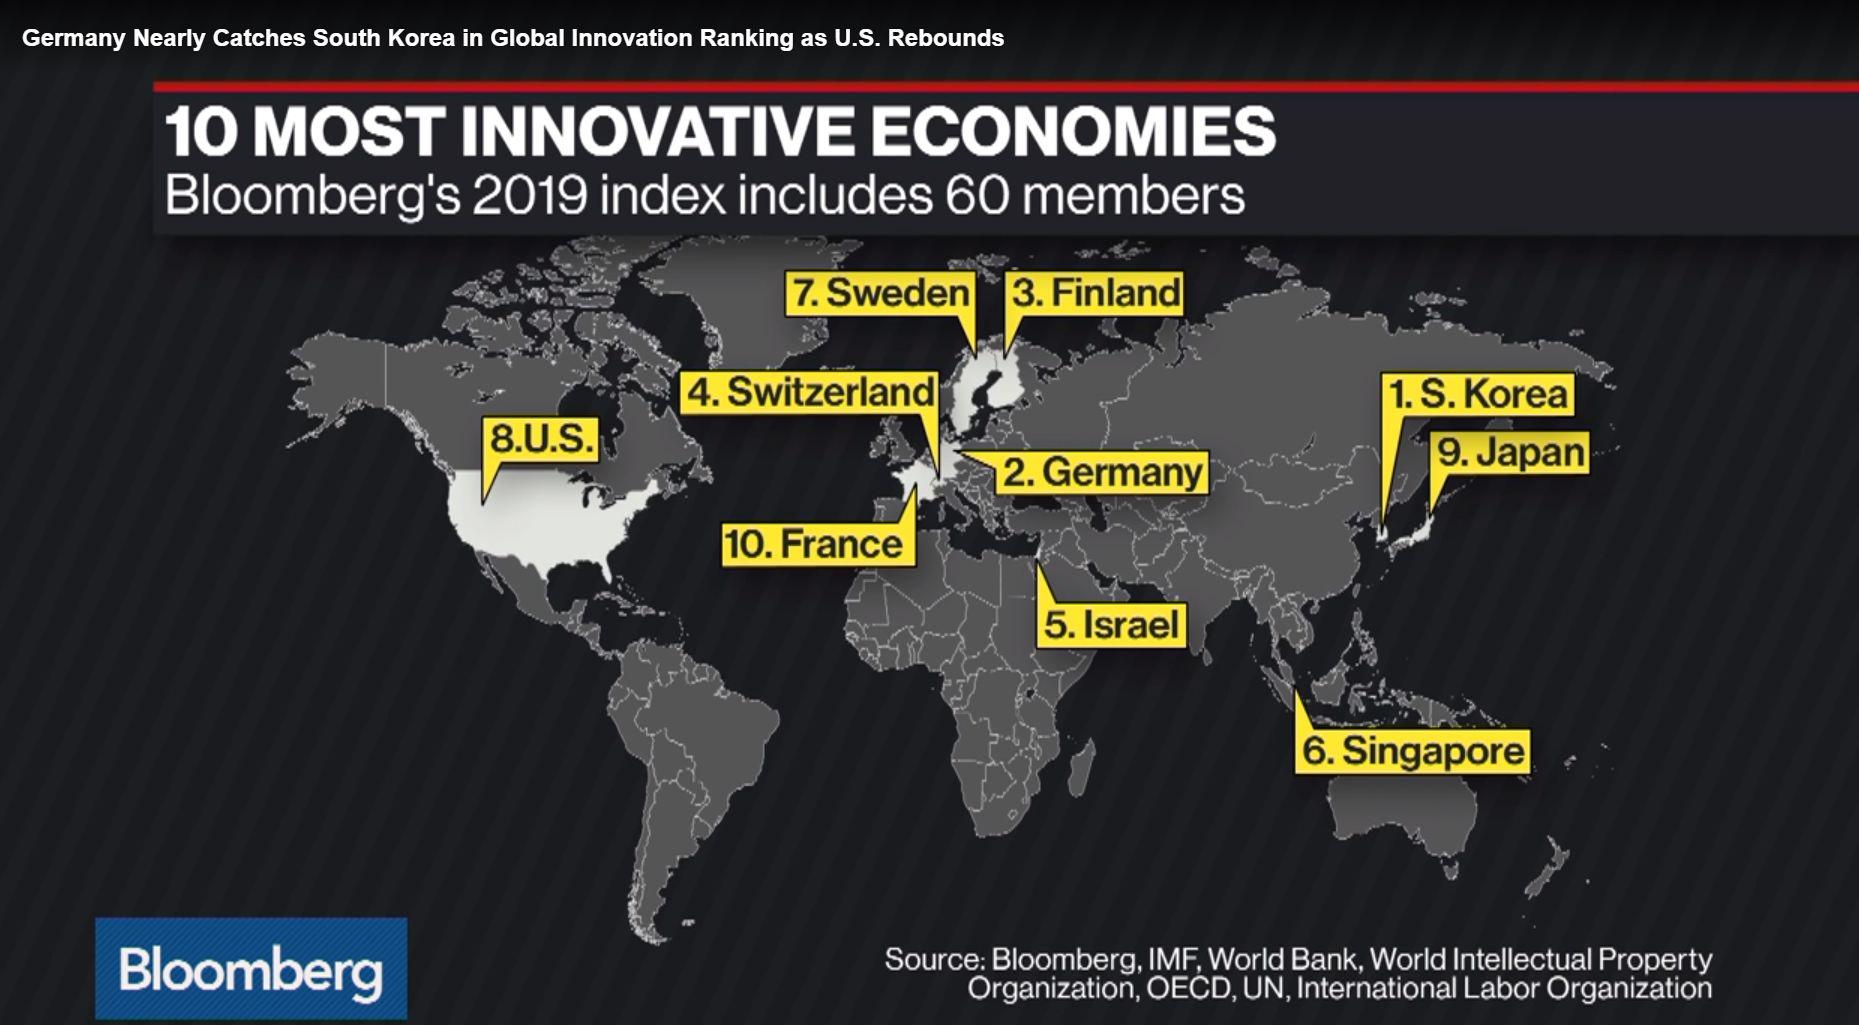 Románia és Szlovénia is megelőzte Magyarországot az innovatív országok rangsorában